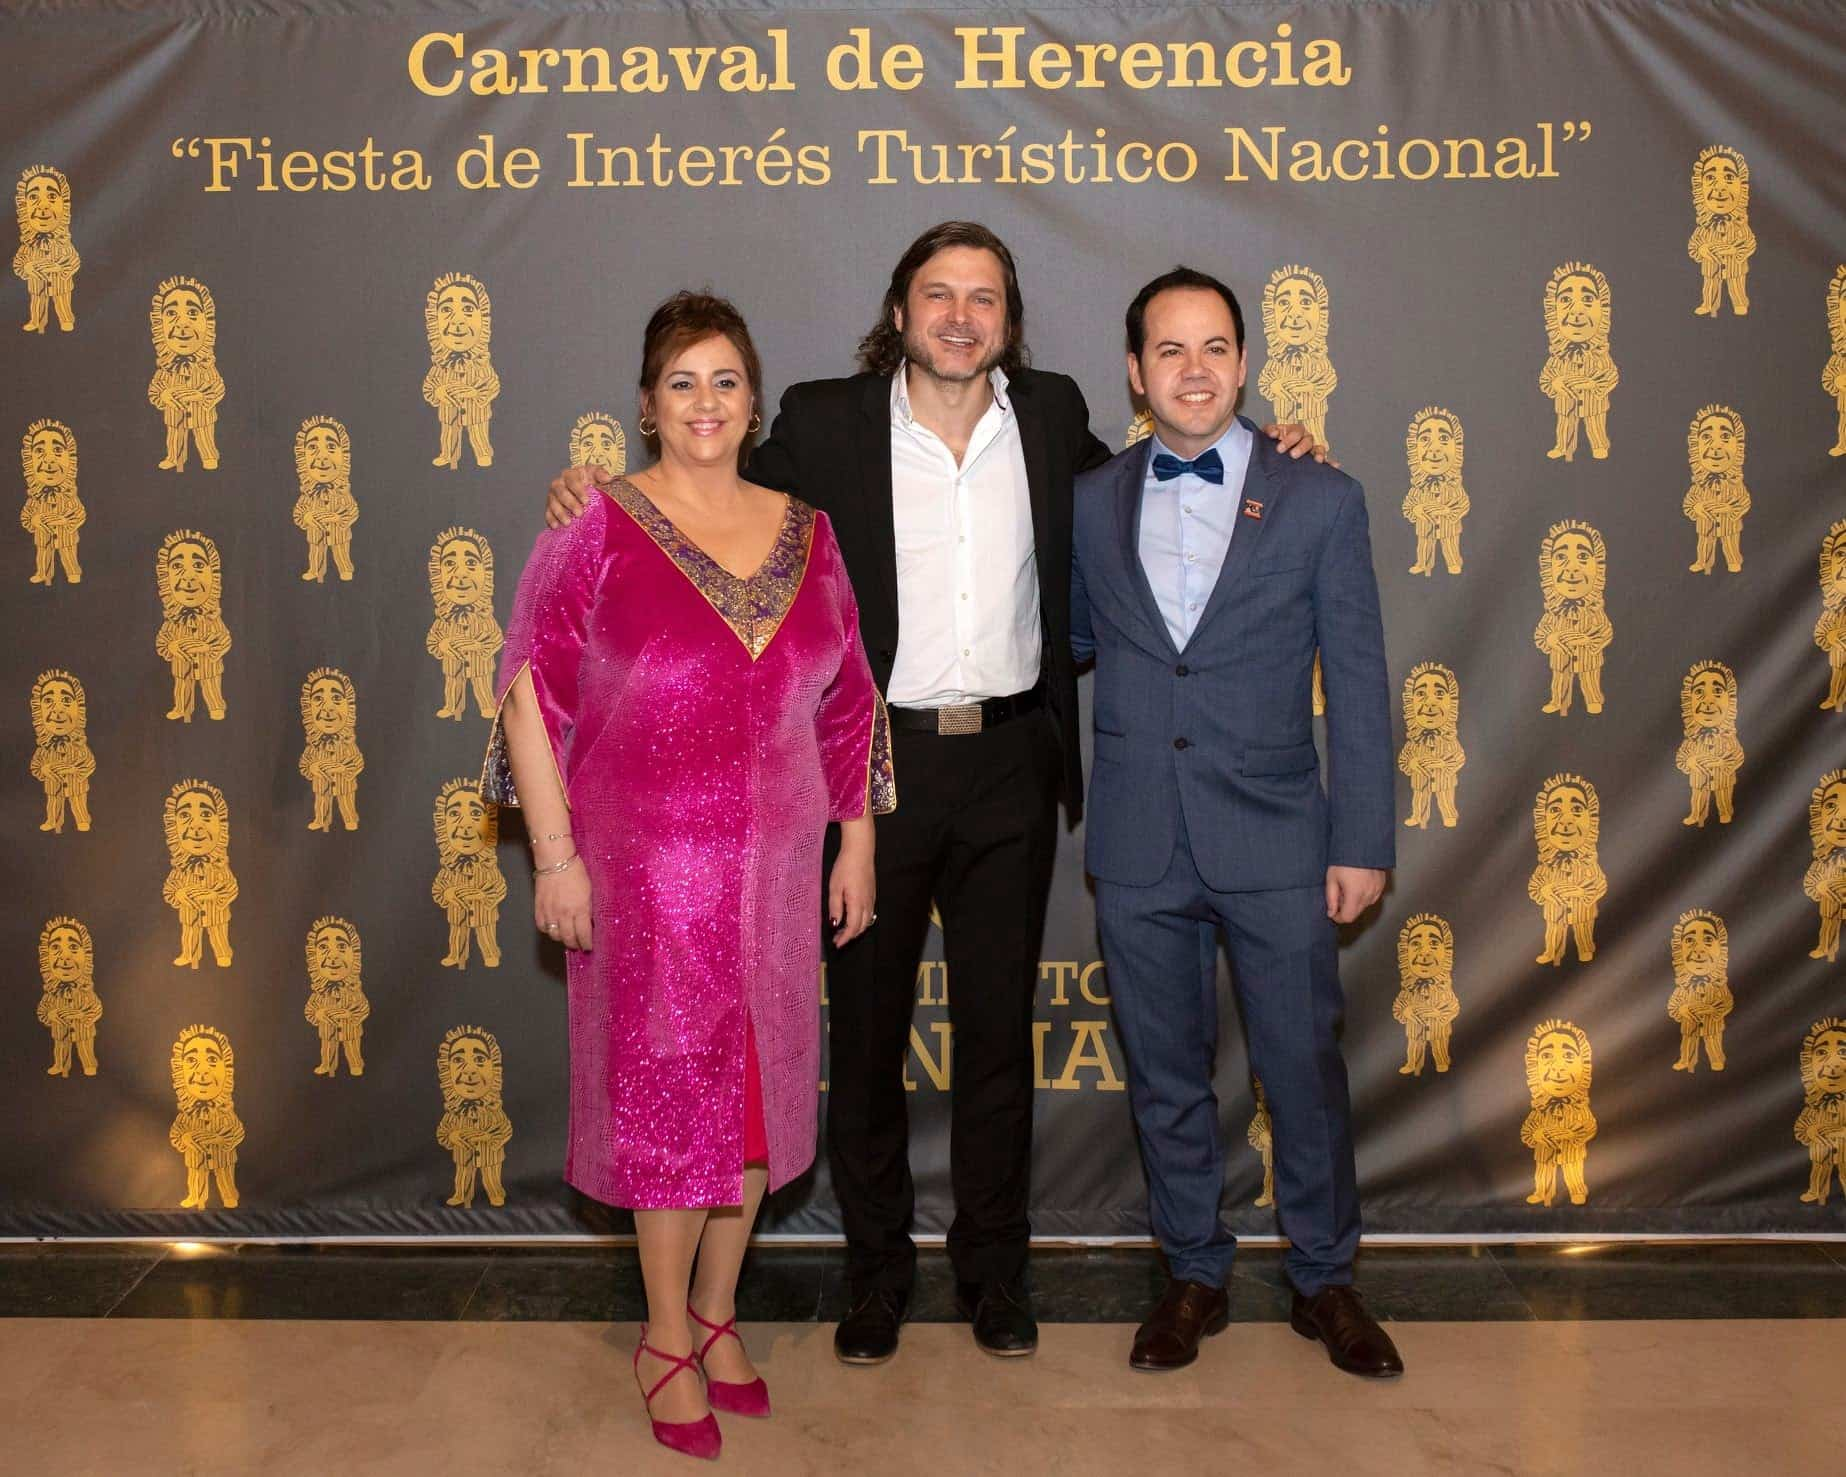 inauguracion carnaval 2020 herencia 21 - Inauguración del Carnaval de Herencia 2020